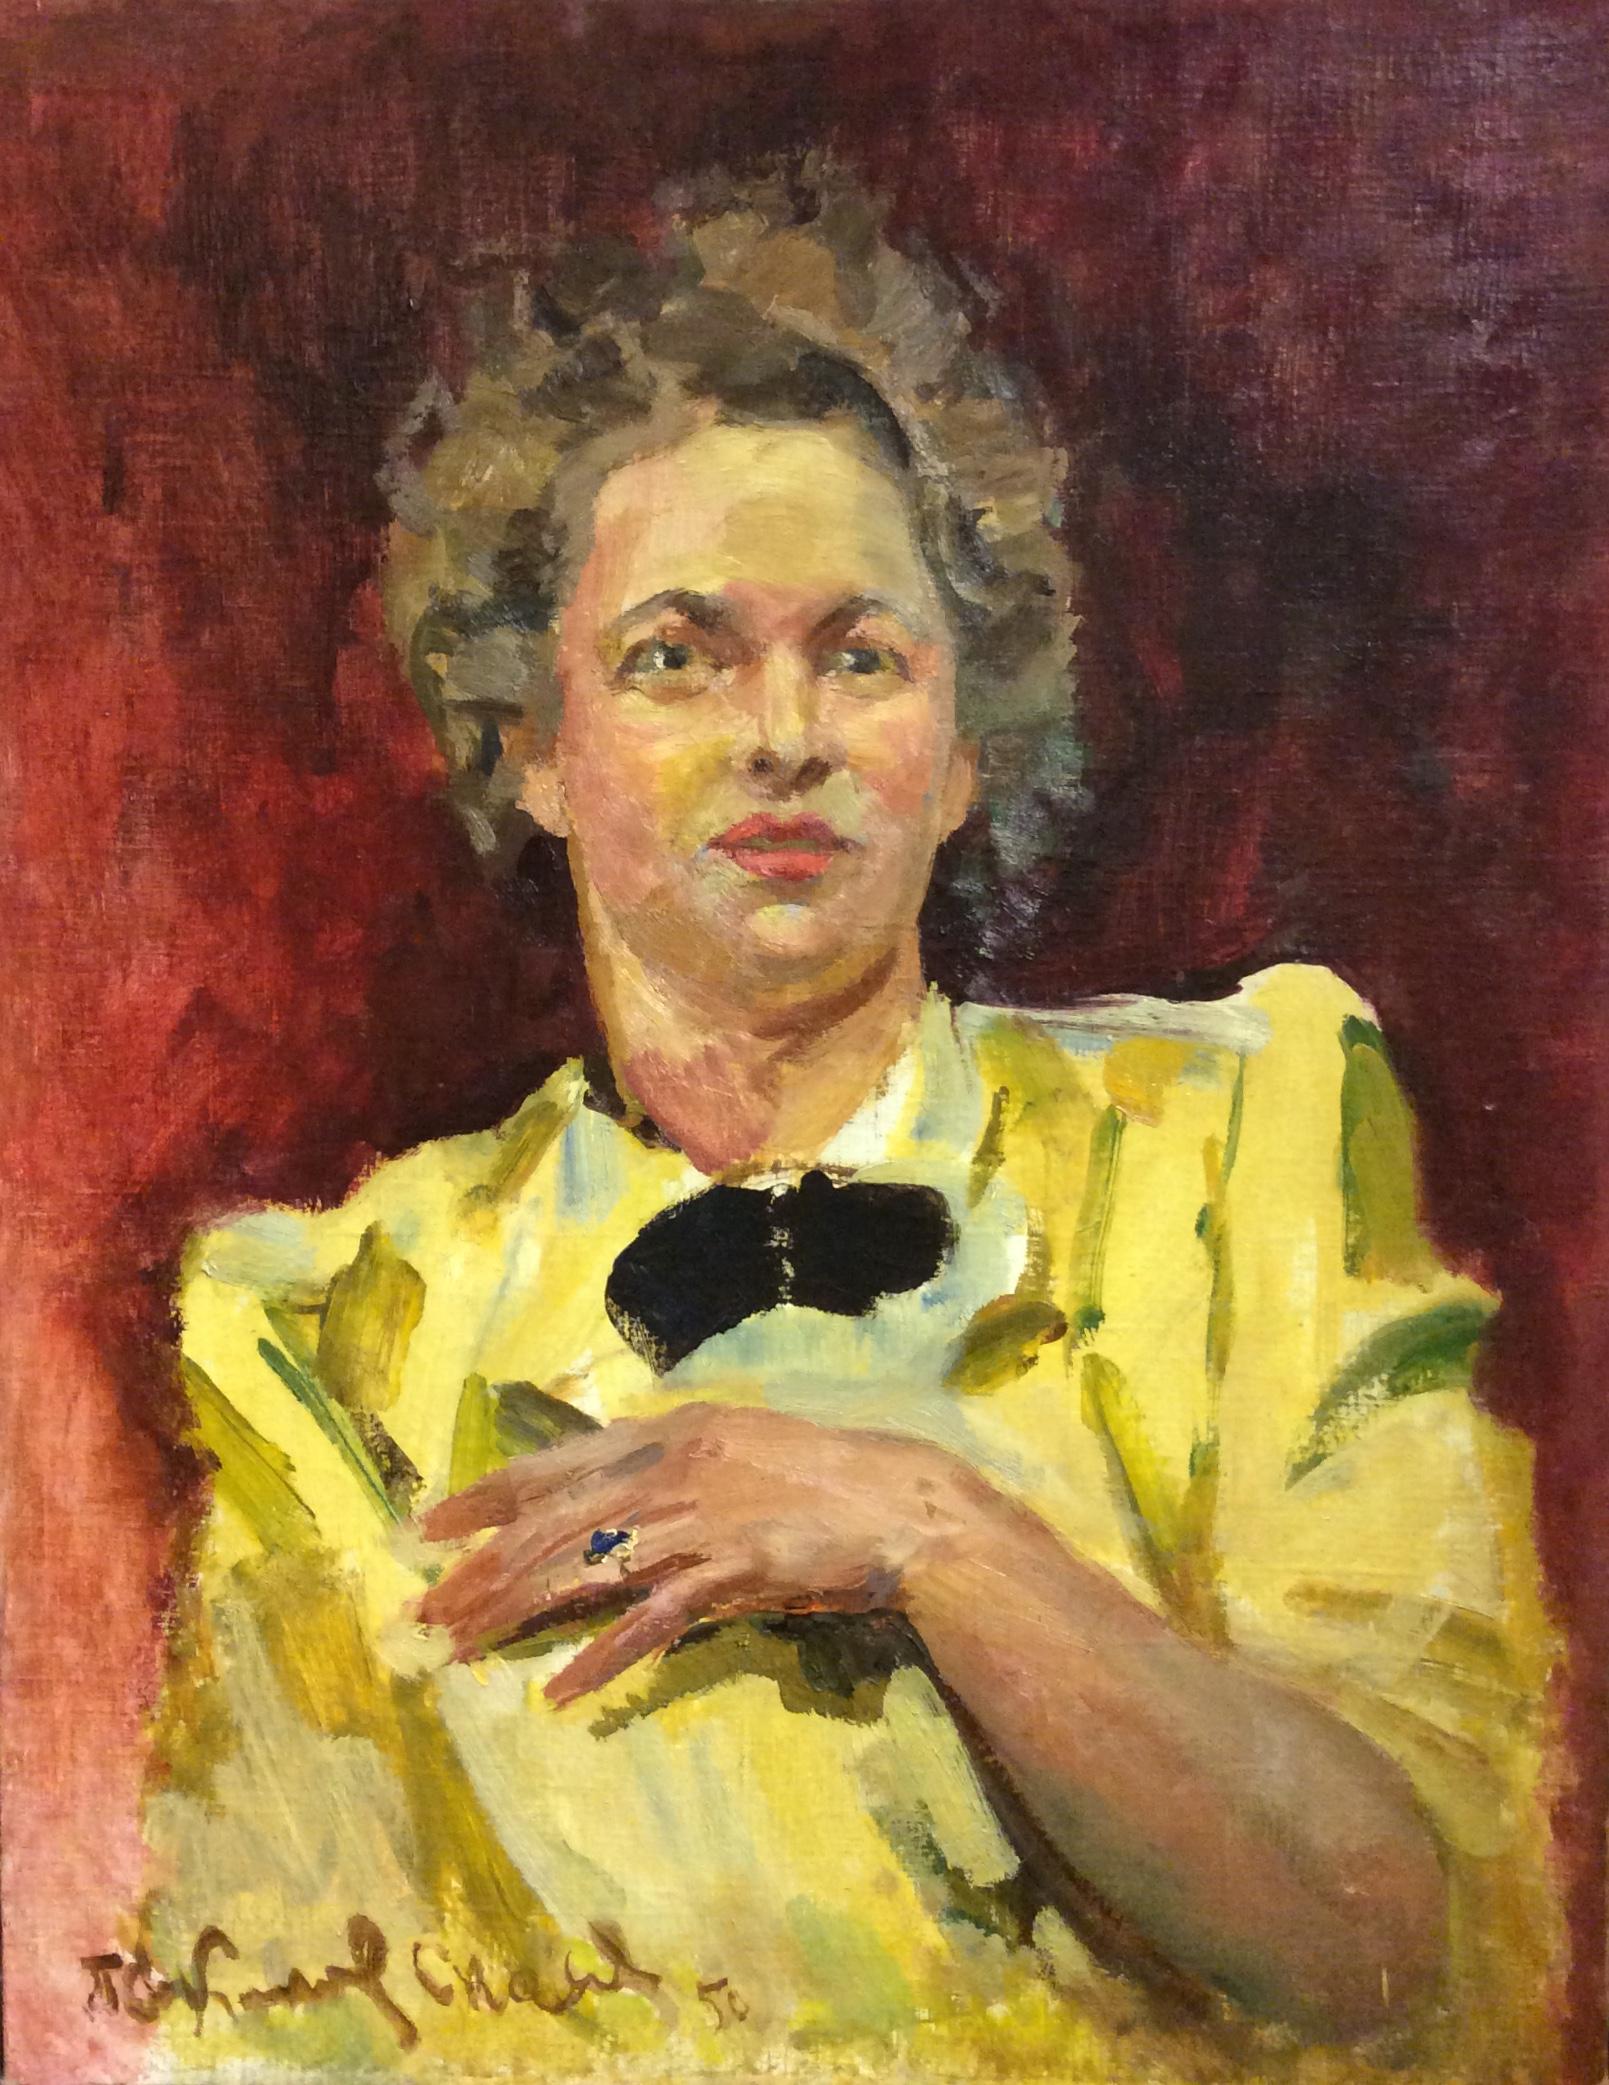 Соколов-Скаля Павел Петрович. Портрет жены художника.